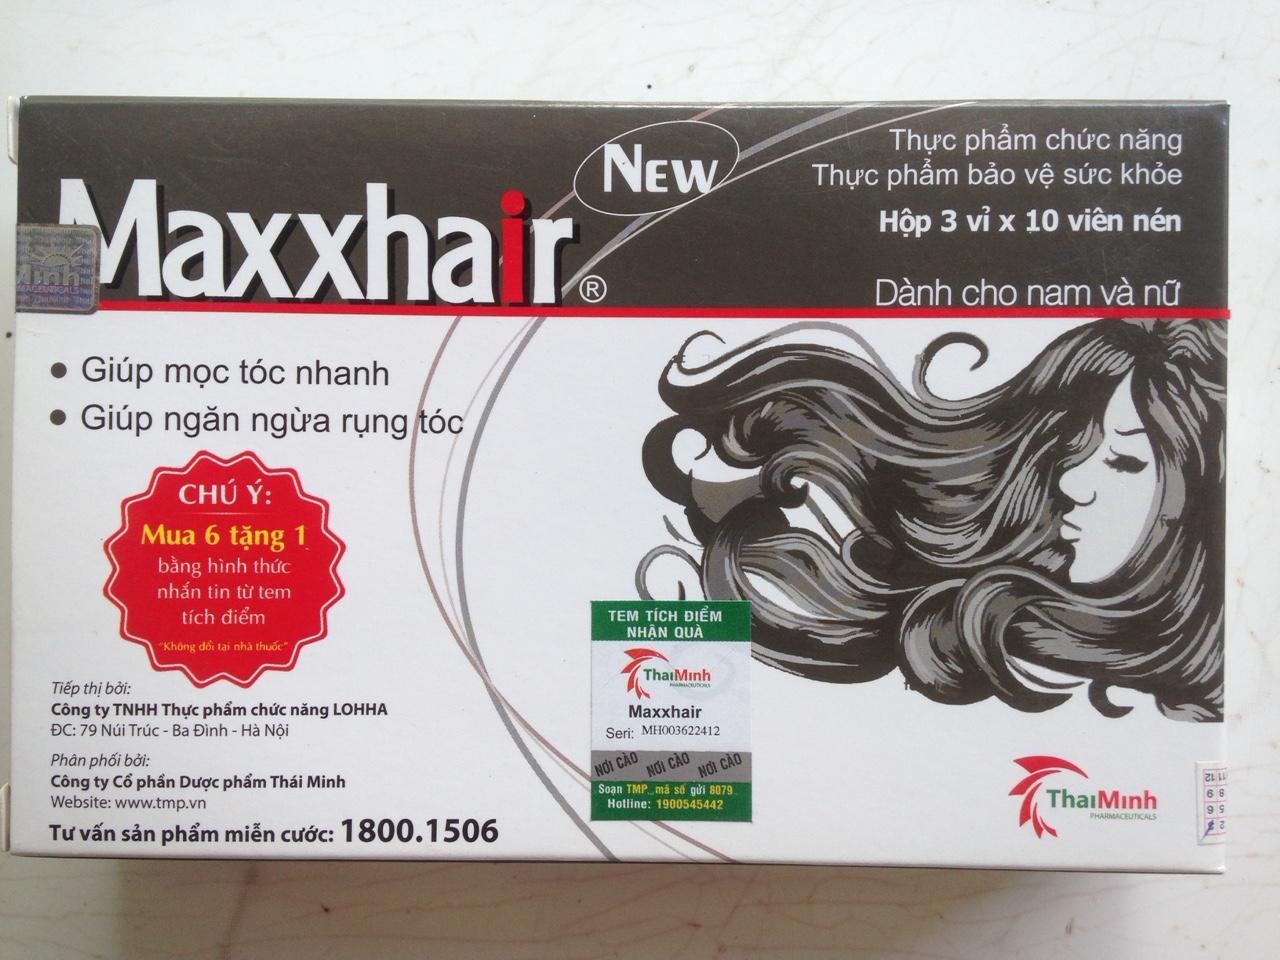 Maxxhair ngăn ngừa rụng tóc